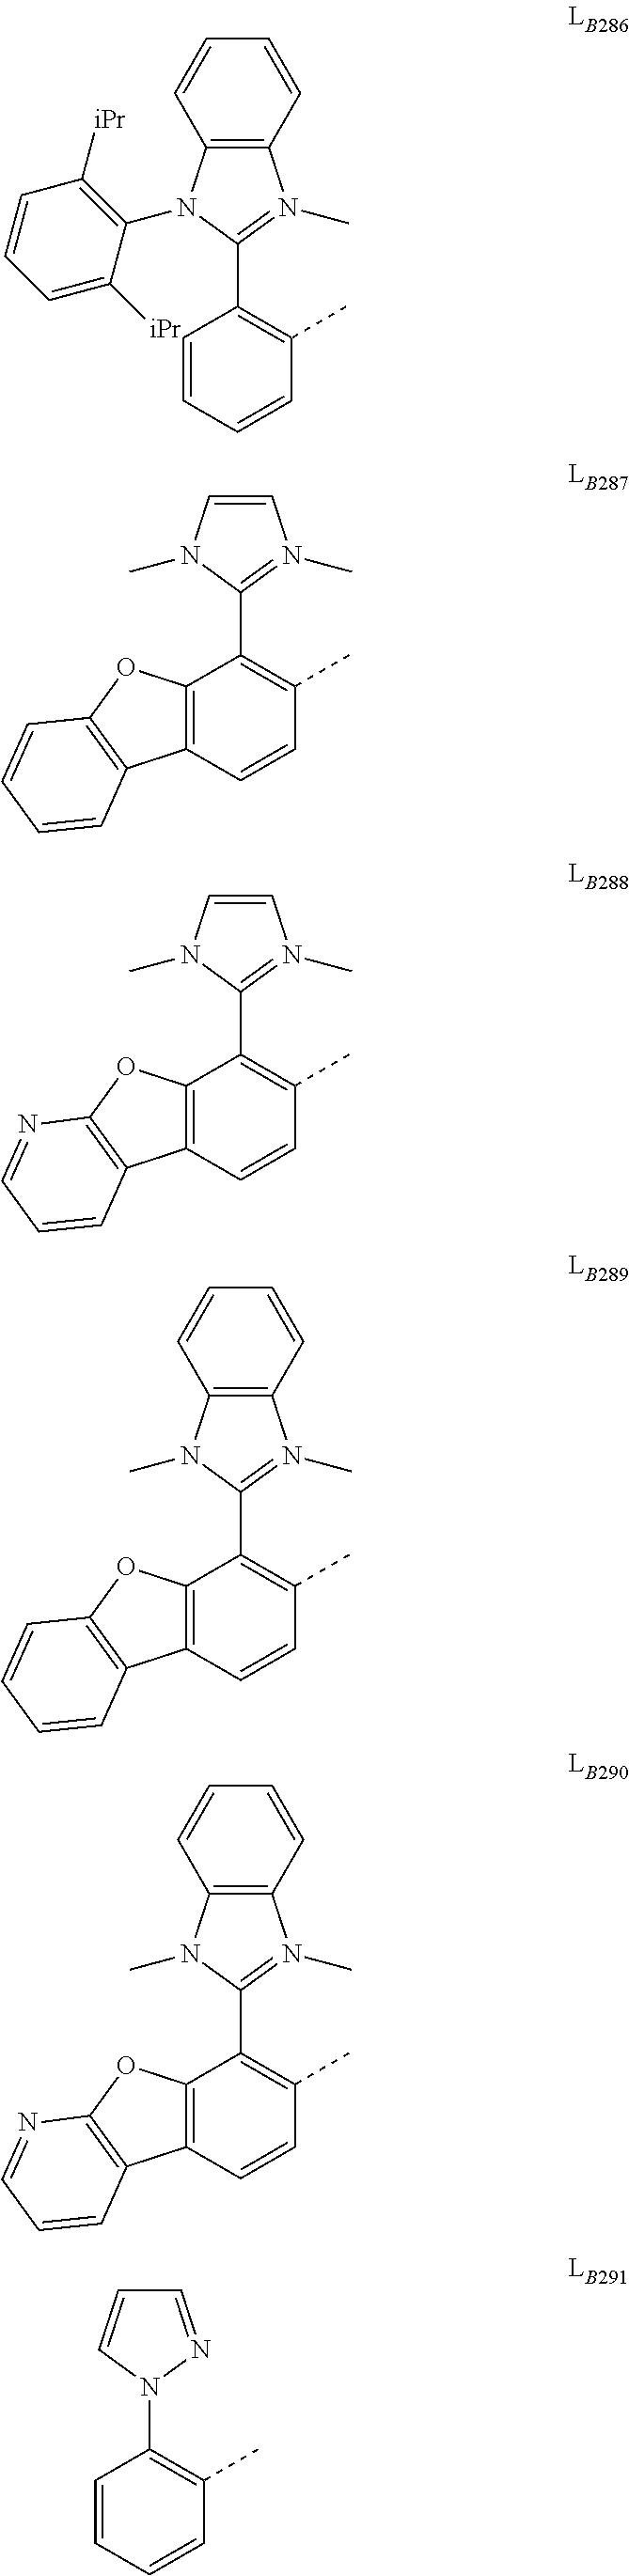 Figure US20180130962A1-20180510-C00124